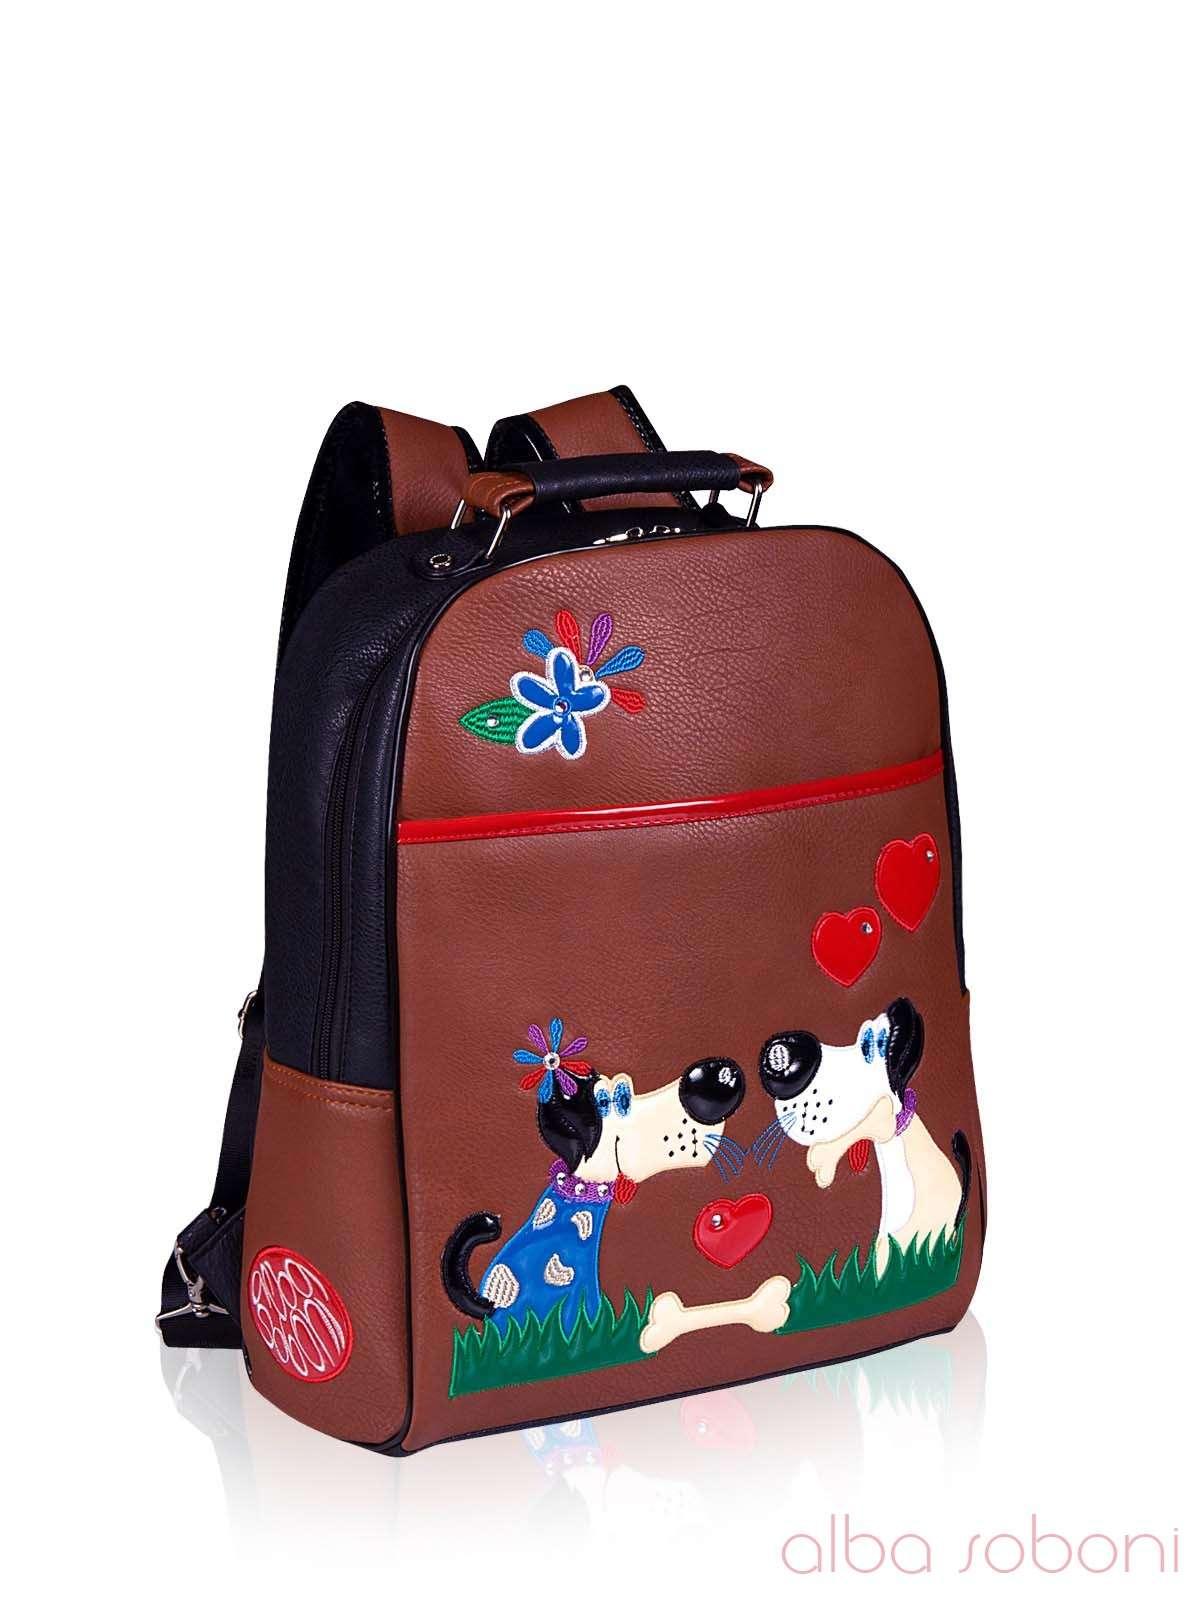 Розпродаж! Молодіжний рюкзак, модель 140704 коричнево-чорний, купити ... a19b078f567